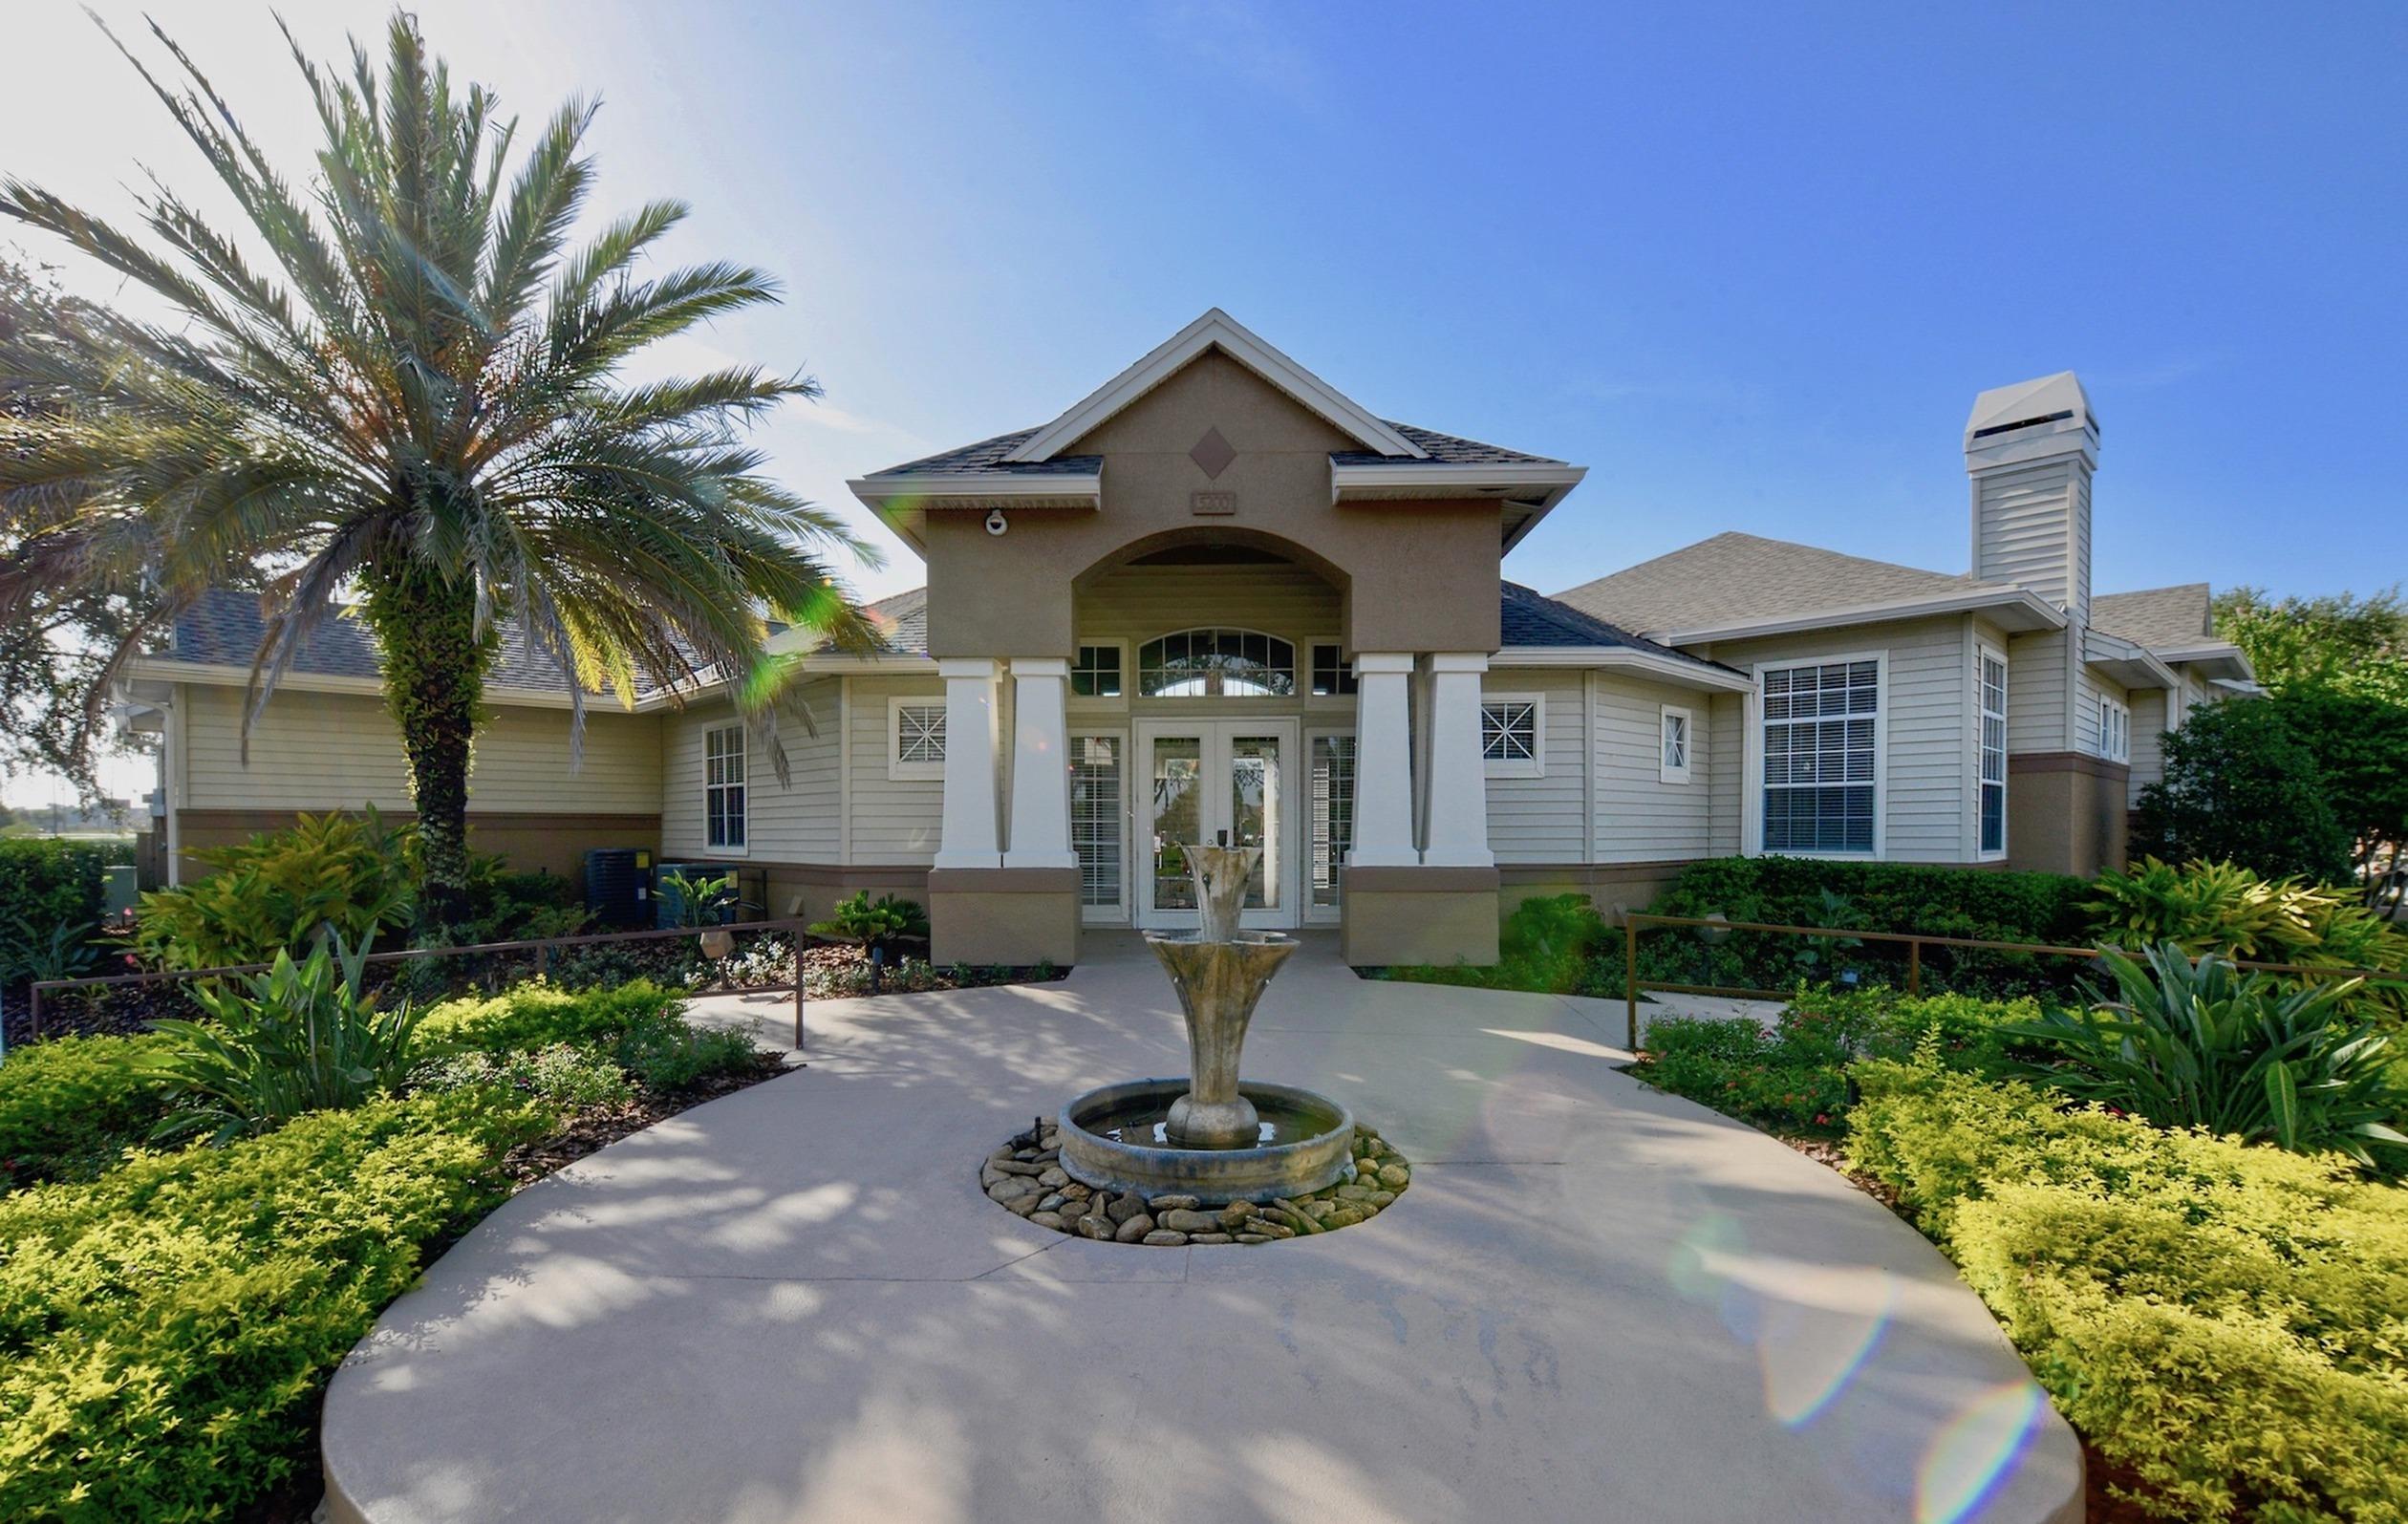 Apartamentos baratos a venda em Orlando